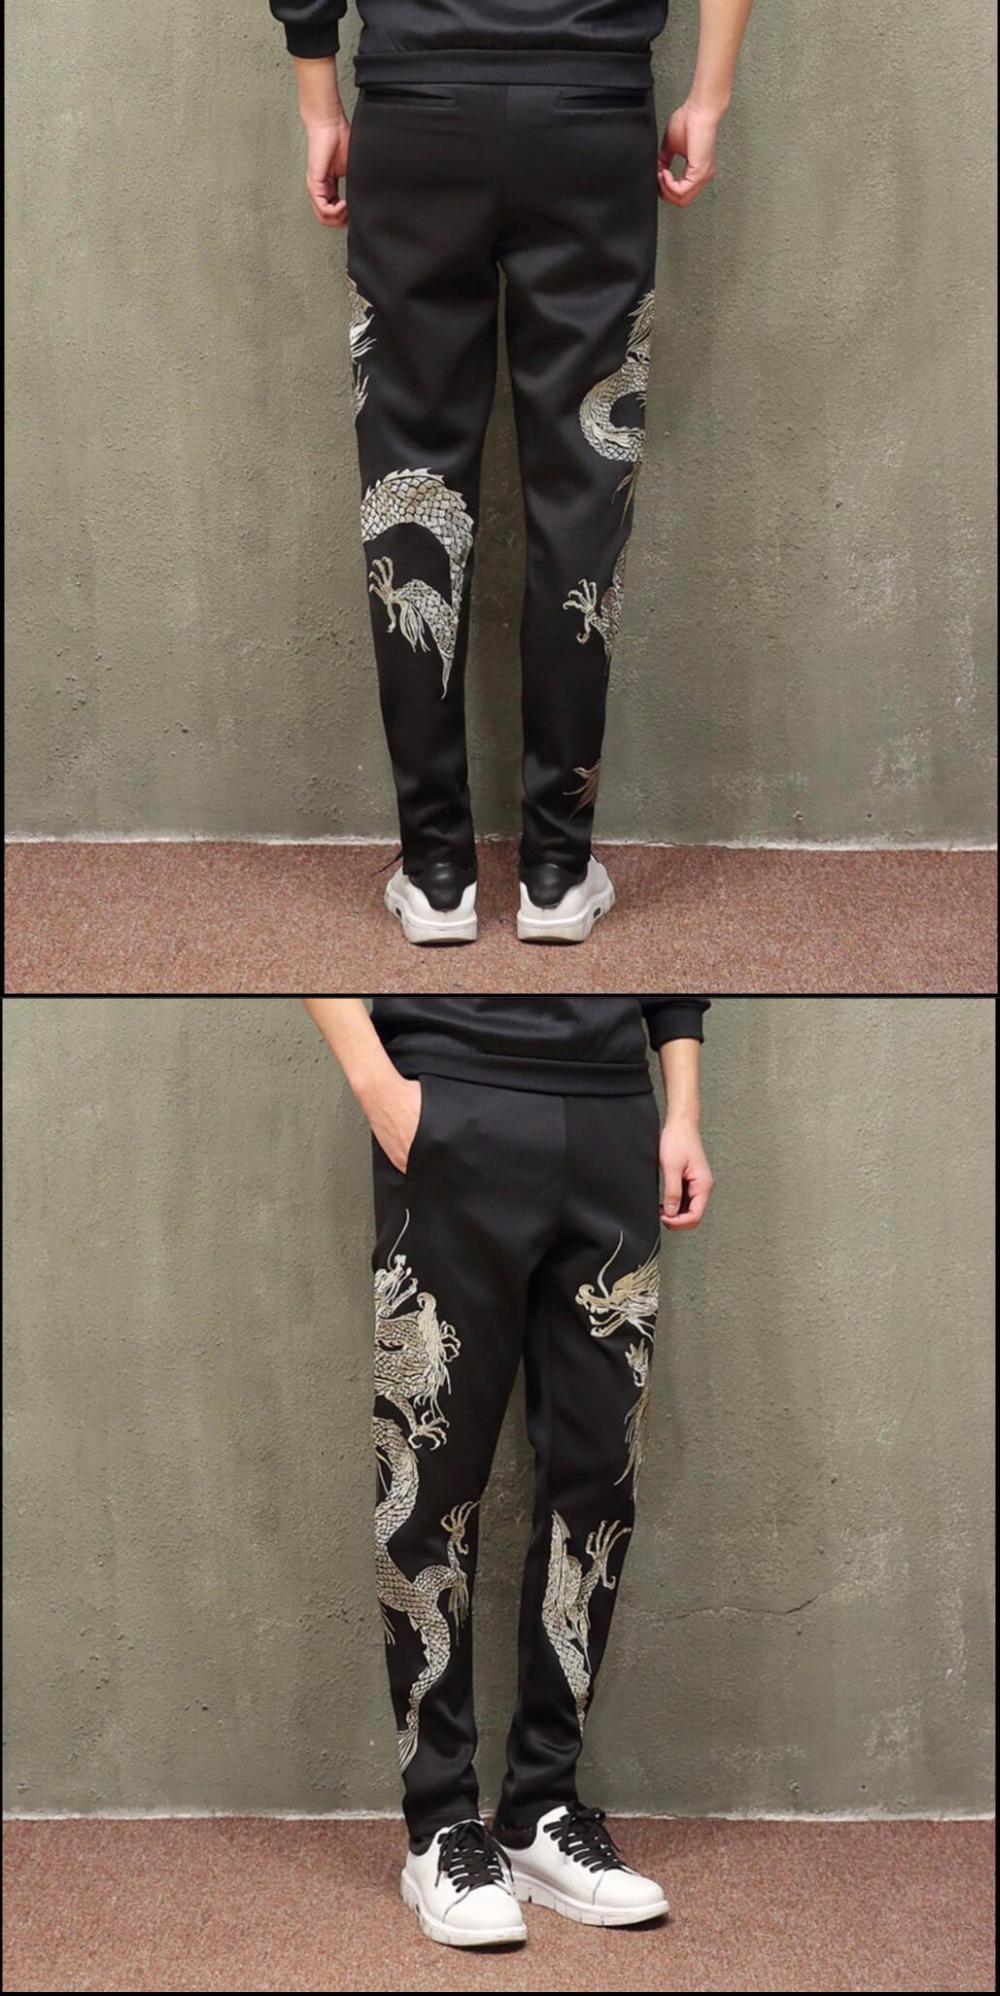 9d71d7bd85b M-5XL NEW men s casual embroidery harem pants plus size trousers loose pants  Elasticity trousers